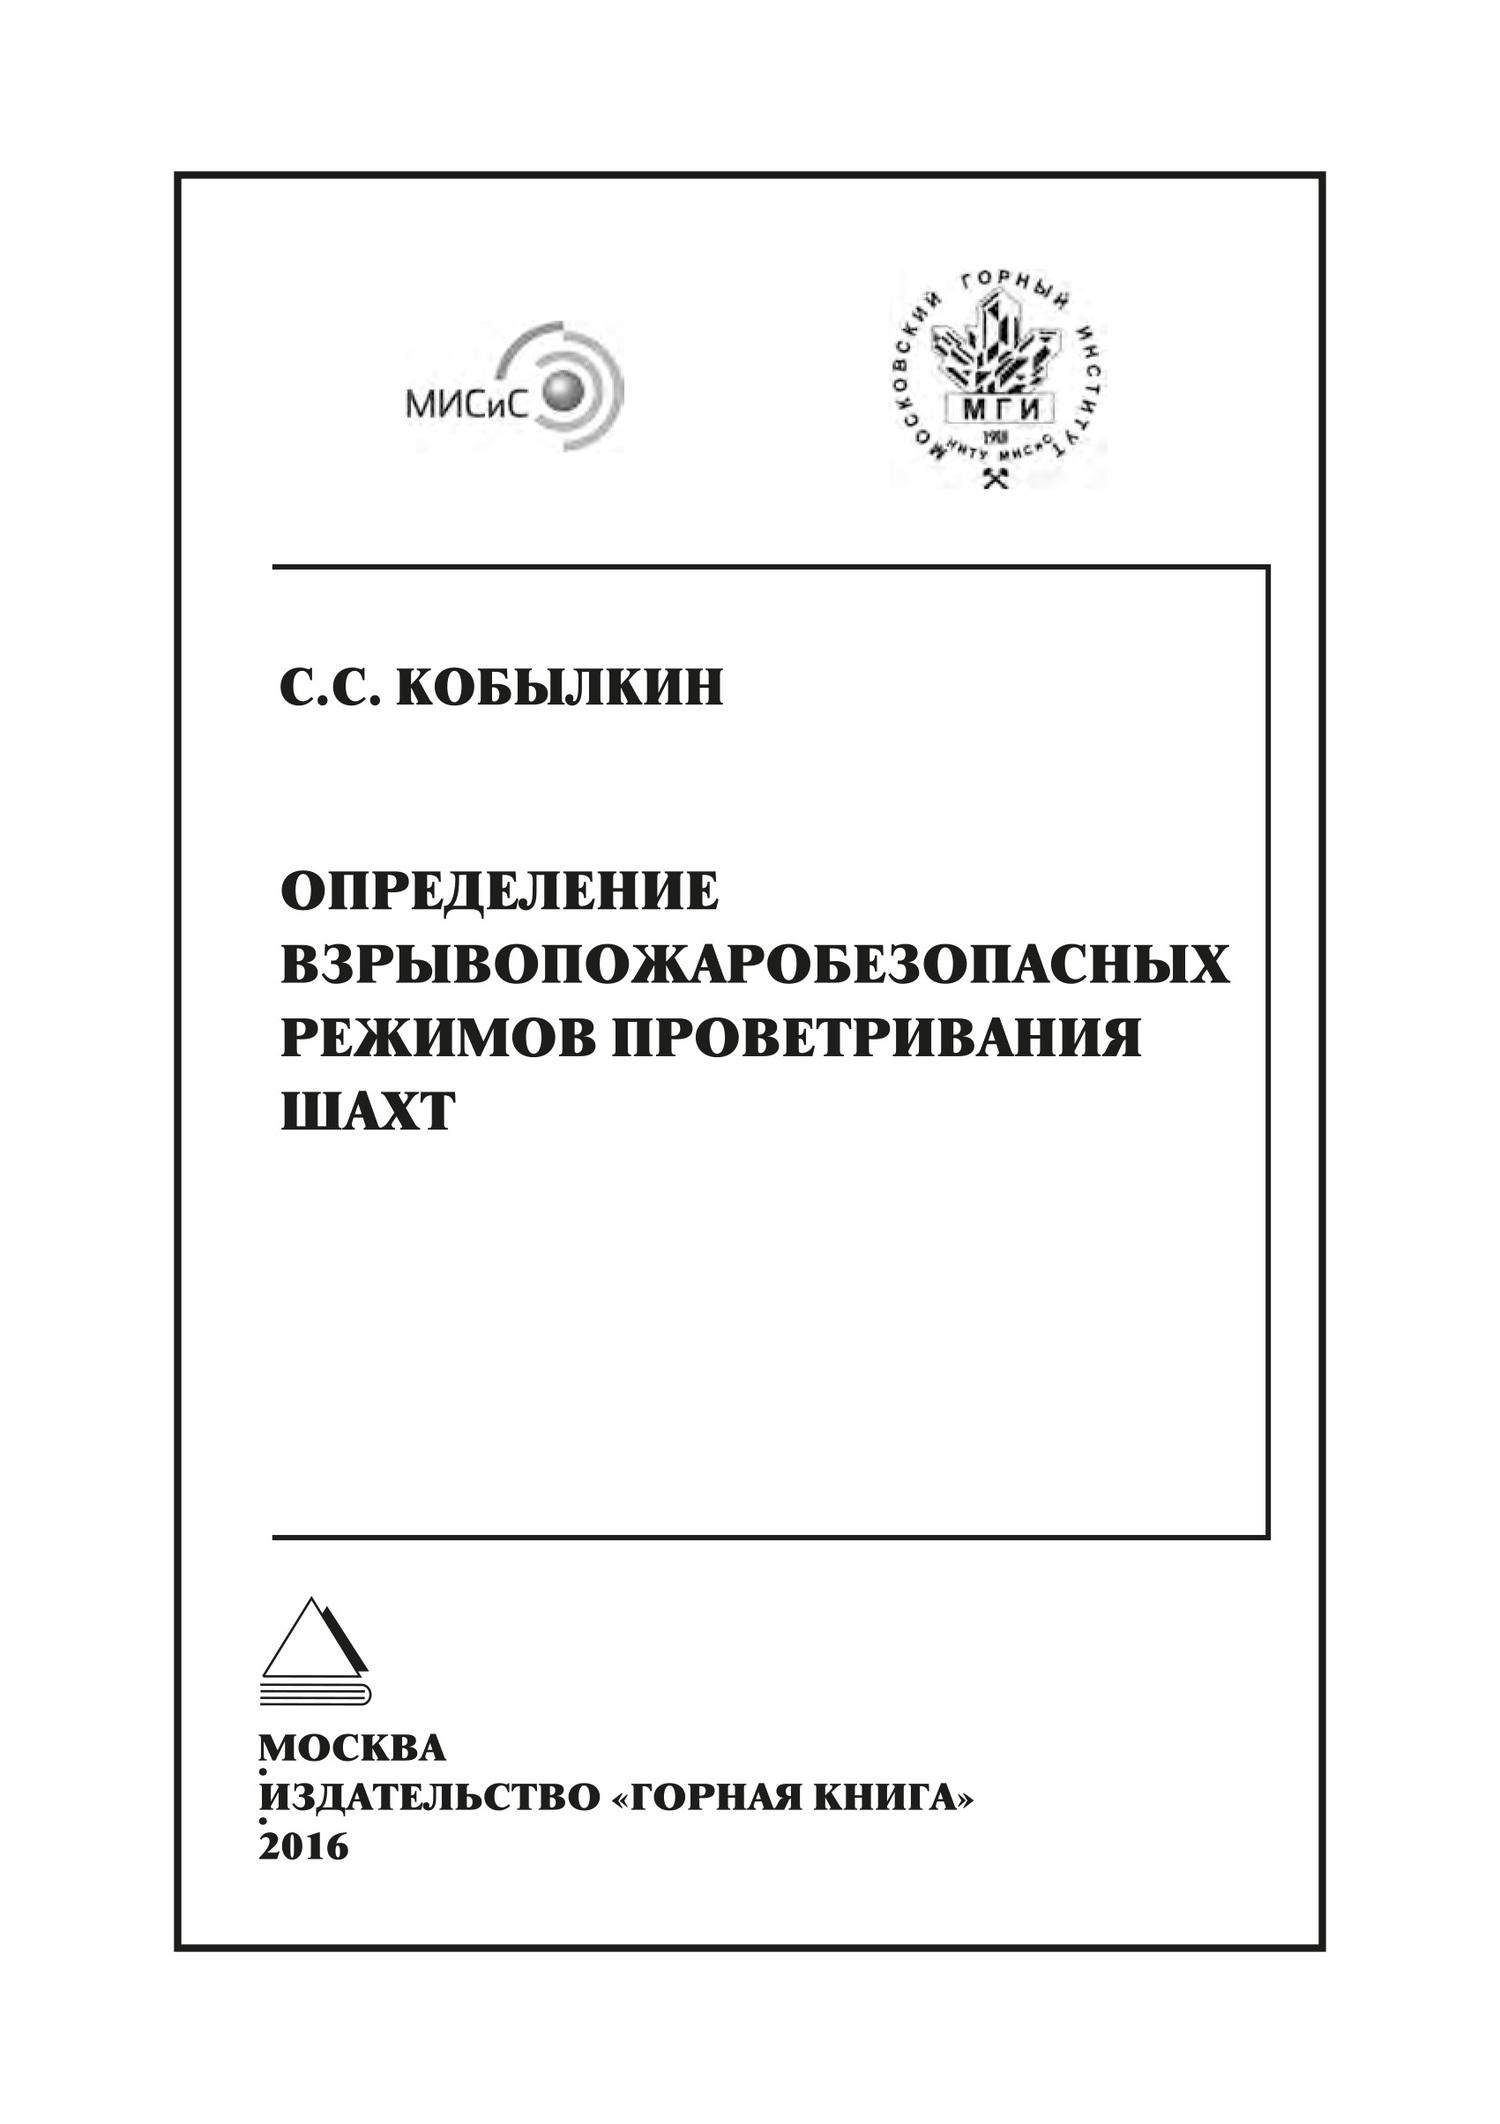 Определение взрывопожаробезопасных режимов проветривания шахт